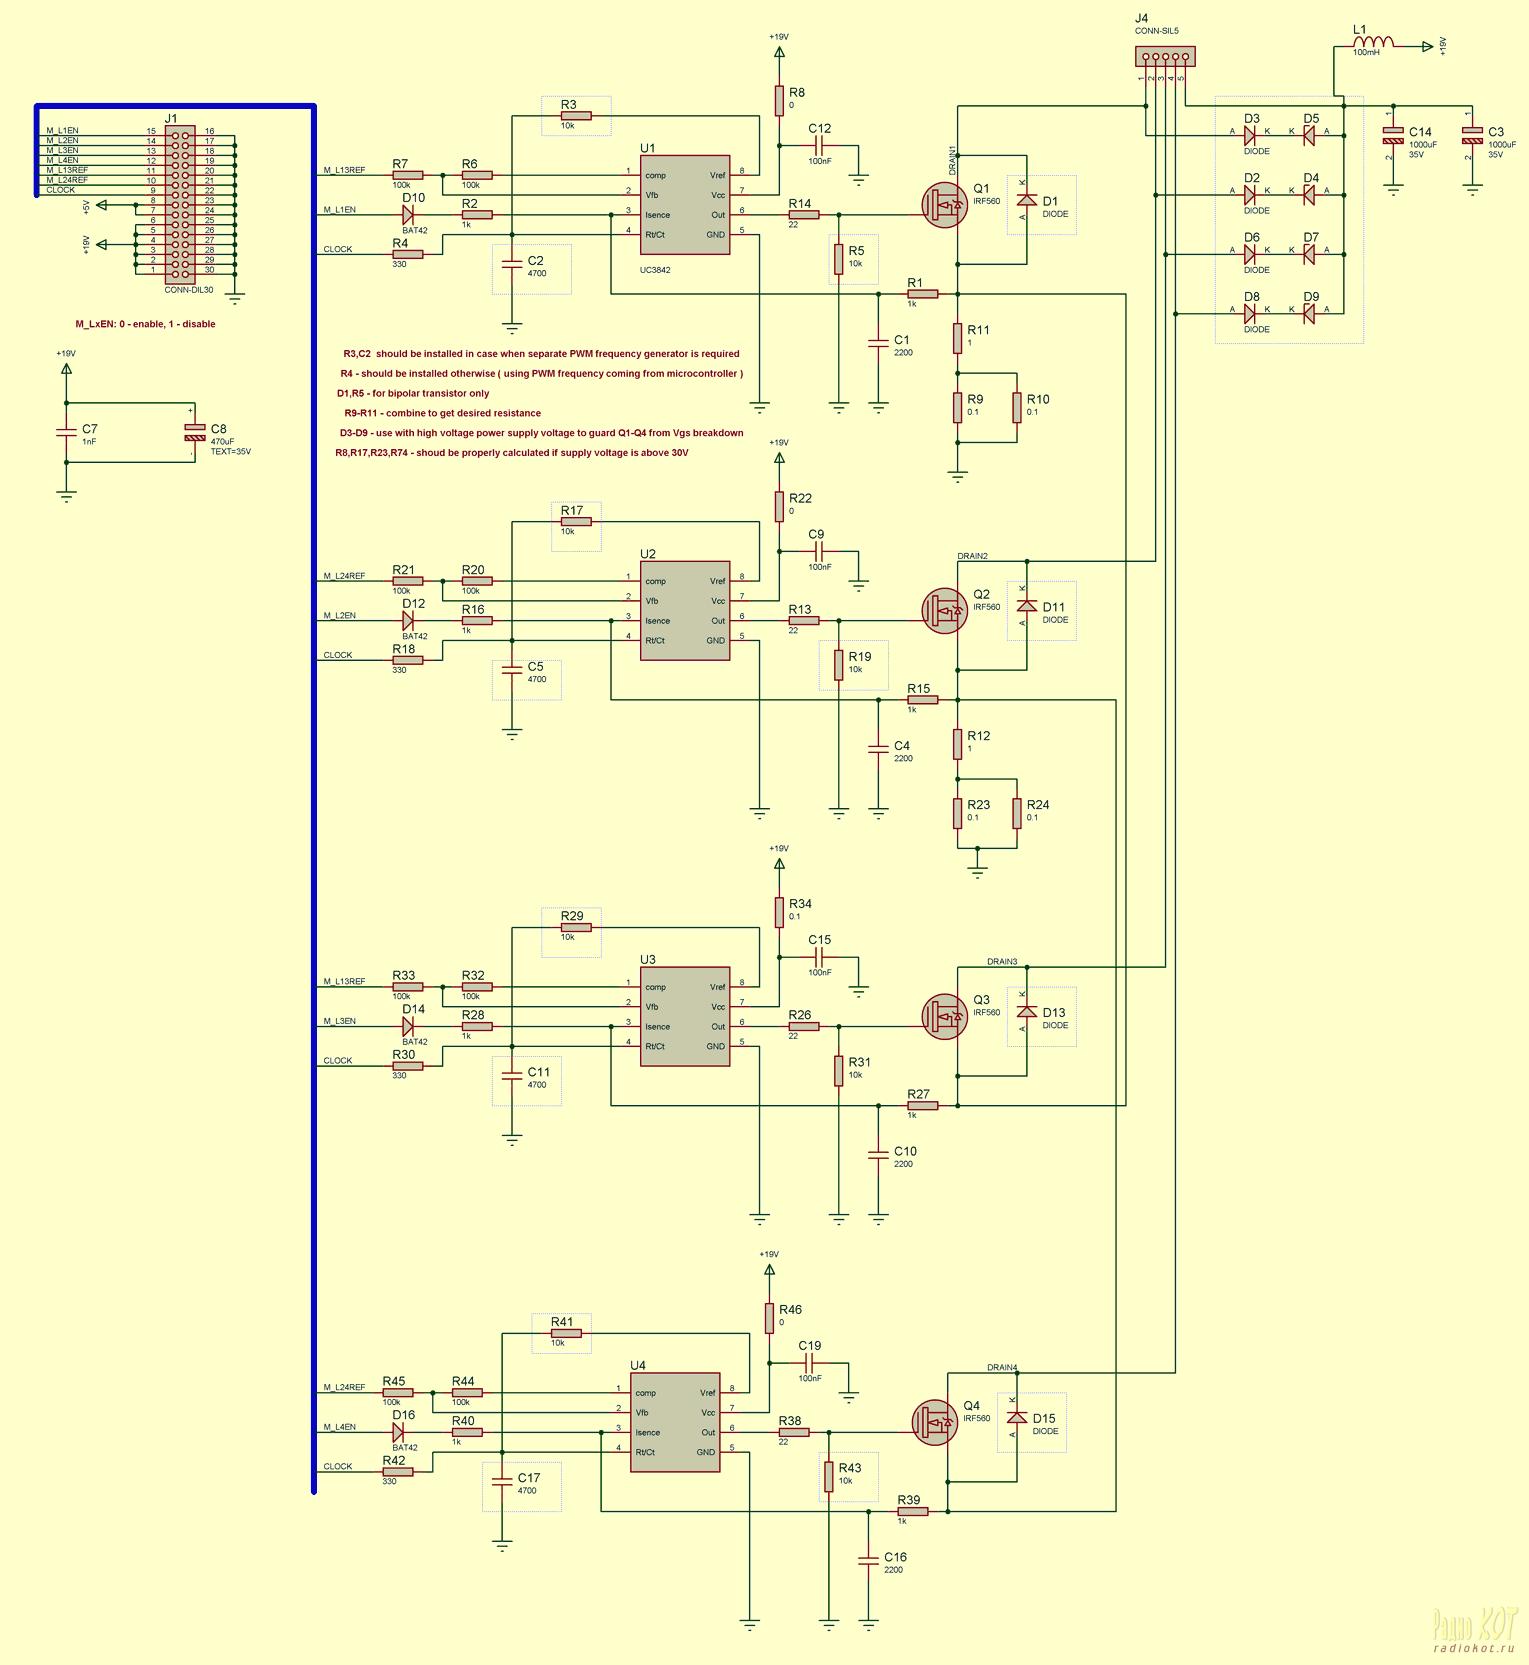 схема управления шаговым двигателем pic16f84